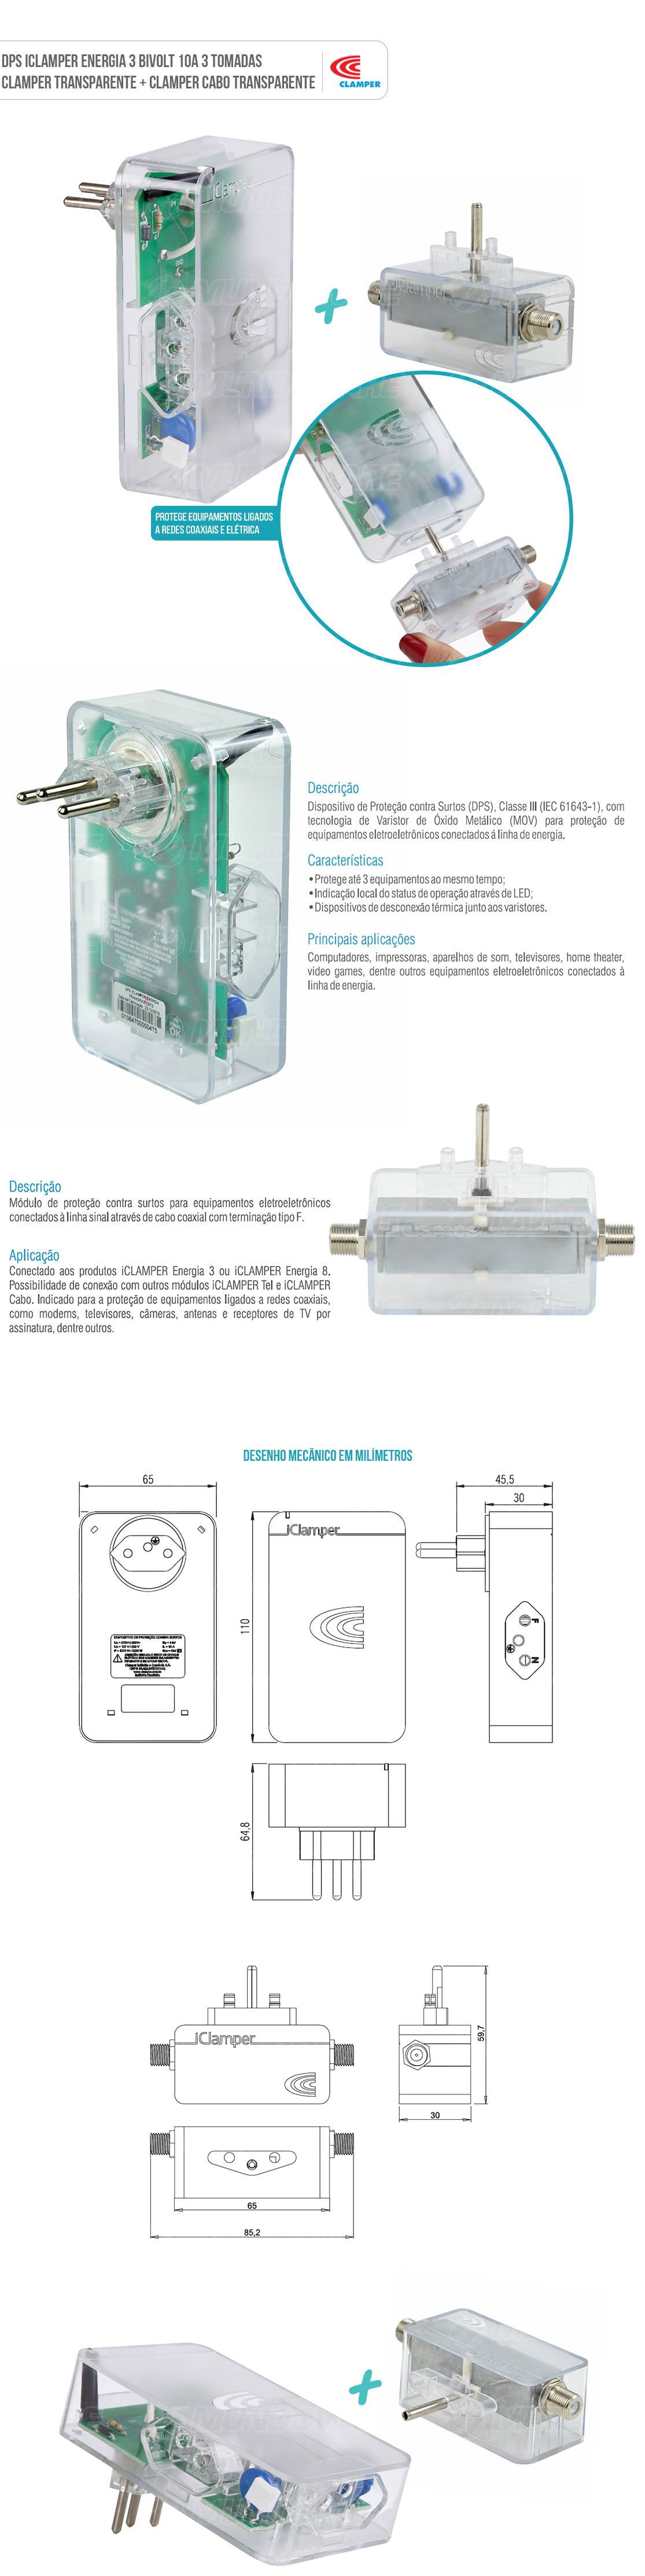 Combo DPS Clamper 3 Tomadas 10A Bivolt Energia 3 + iClamper Cabo para cabo coaxial para Proteção contra Raios e Surtos